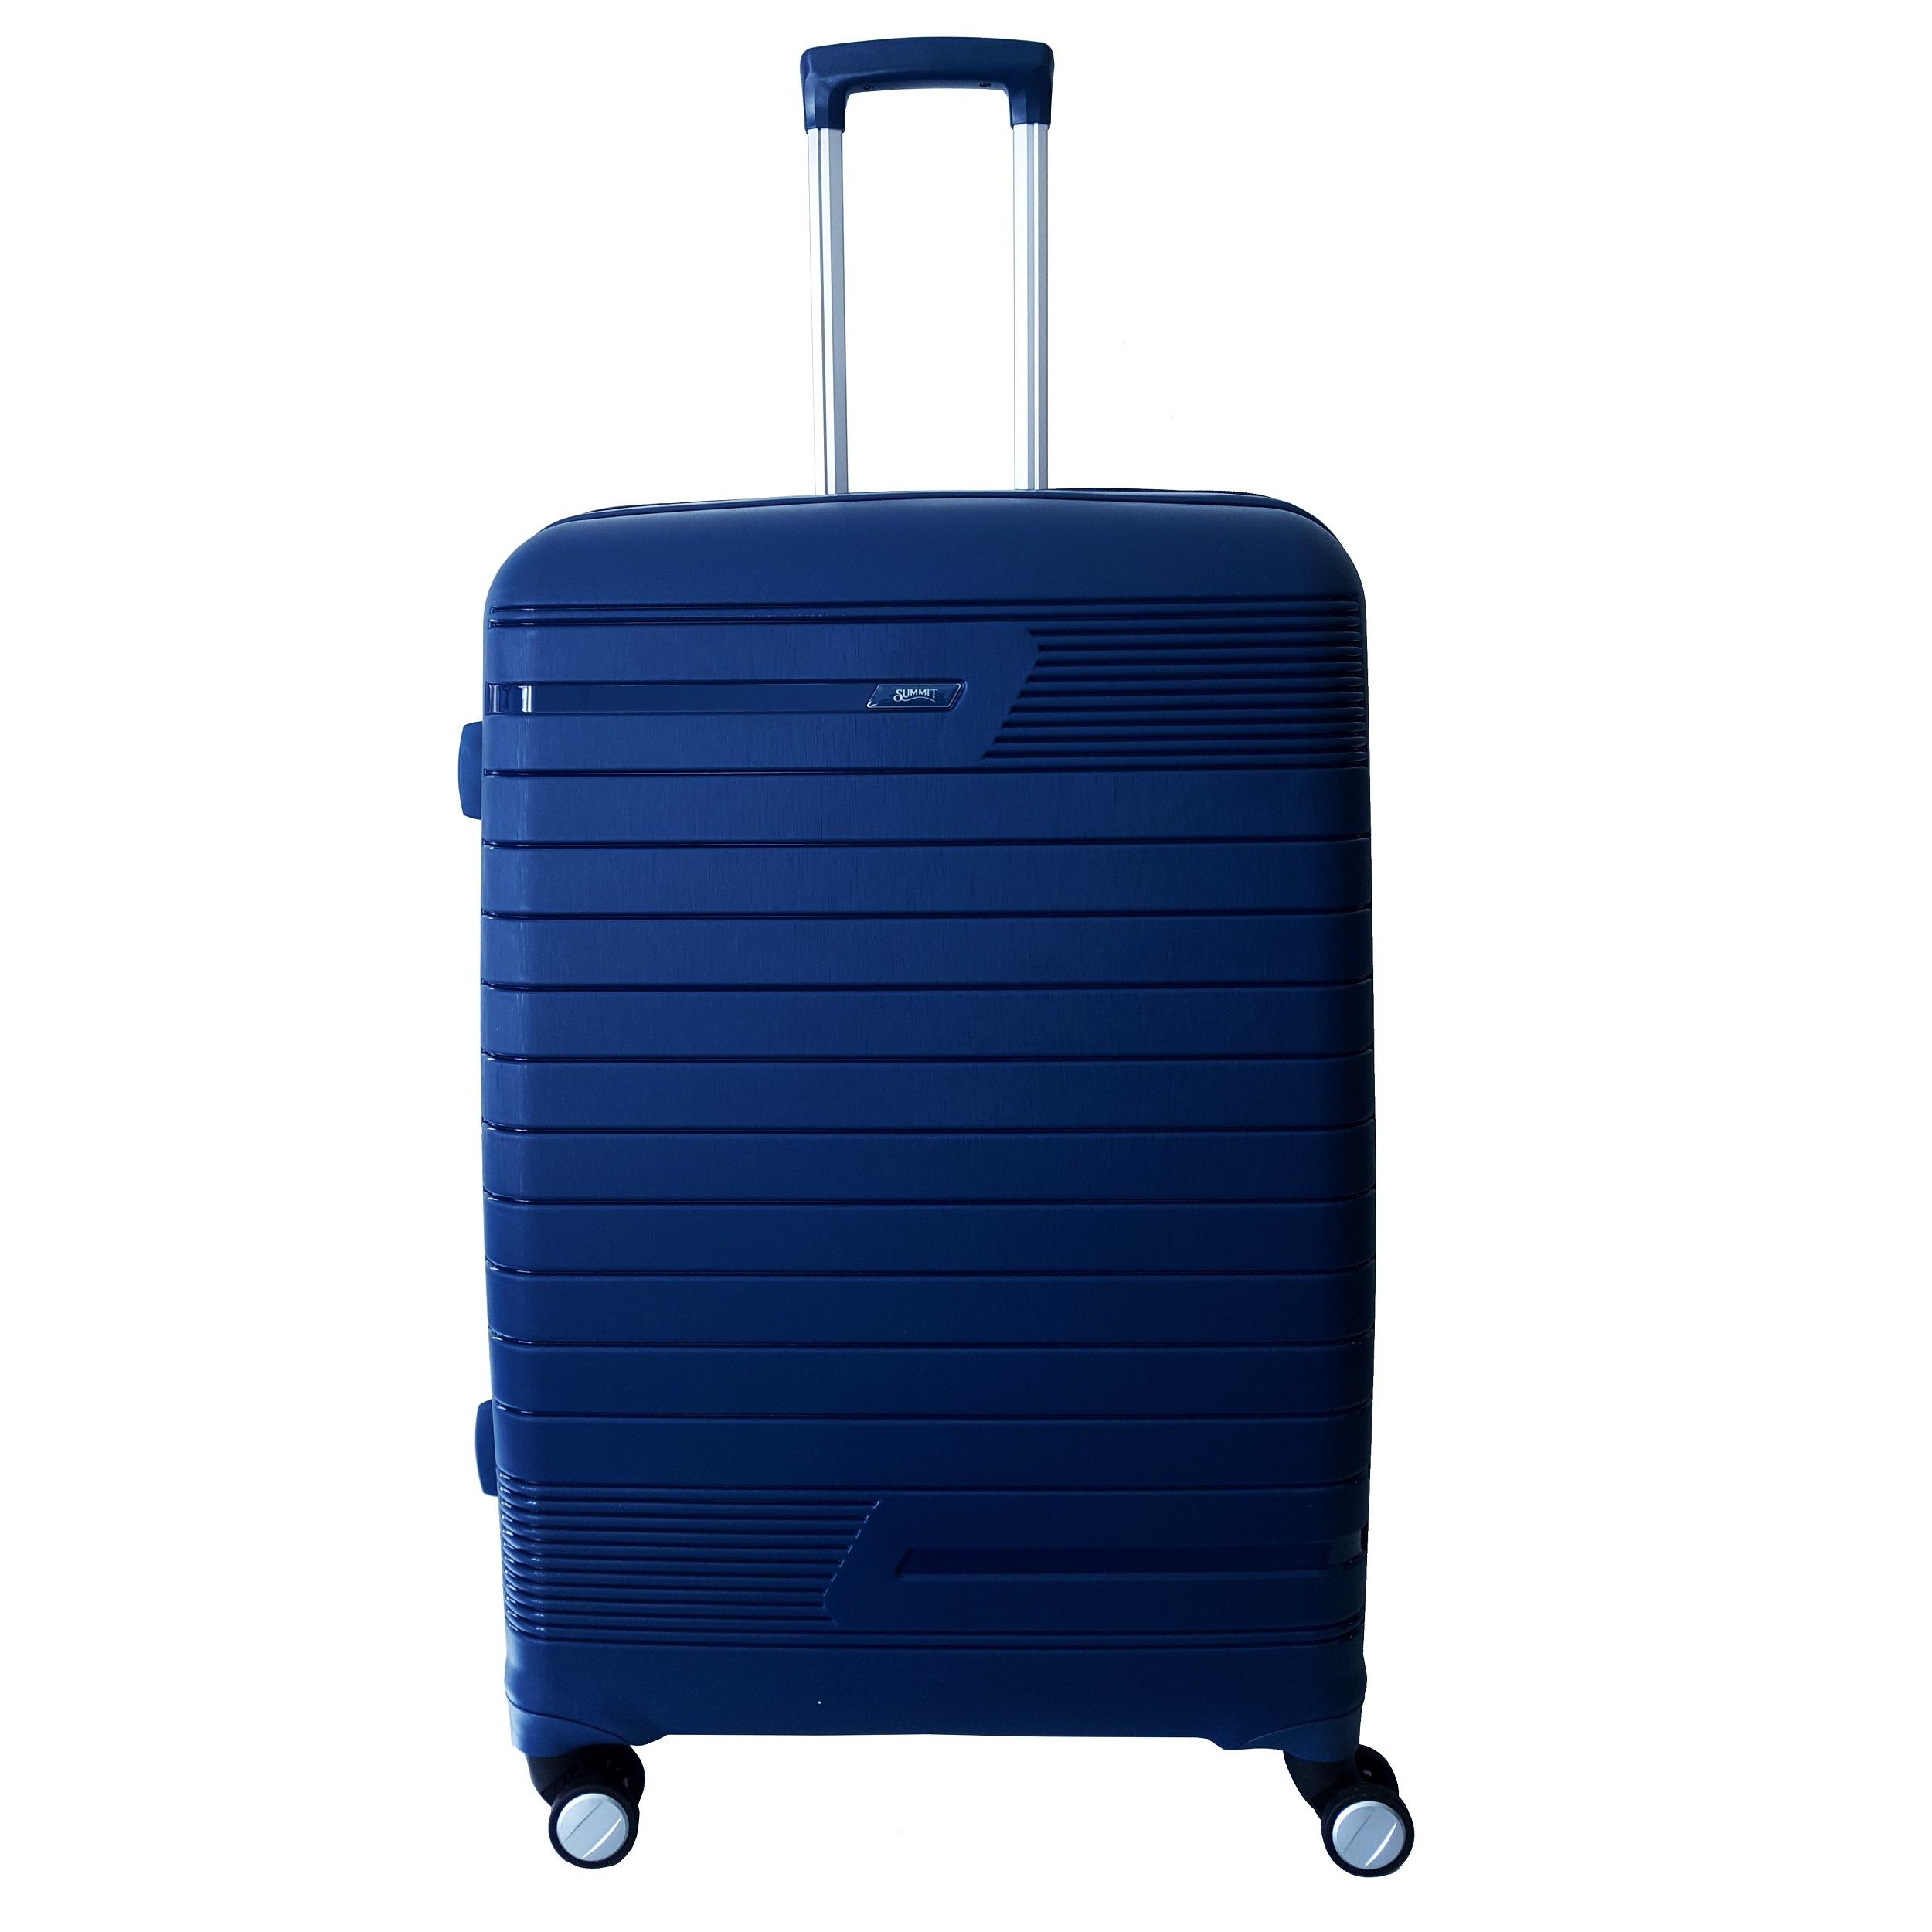 چمدان سامیت مدل J202 سایز متوسط